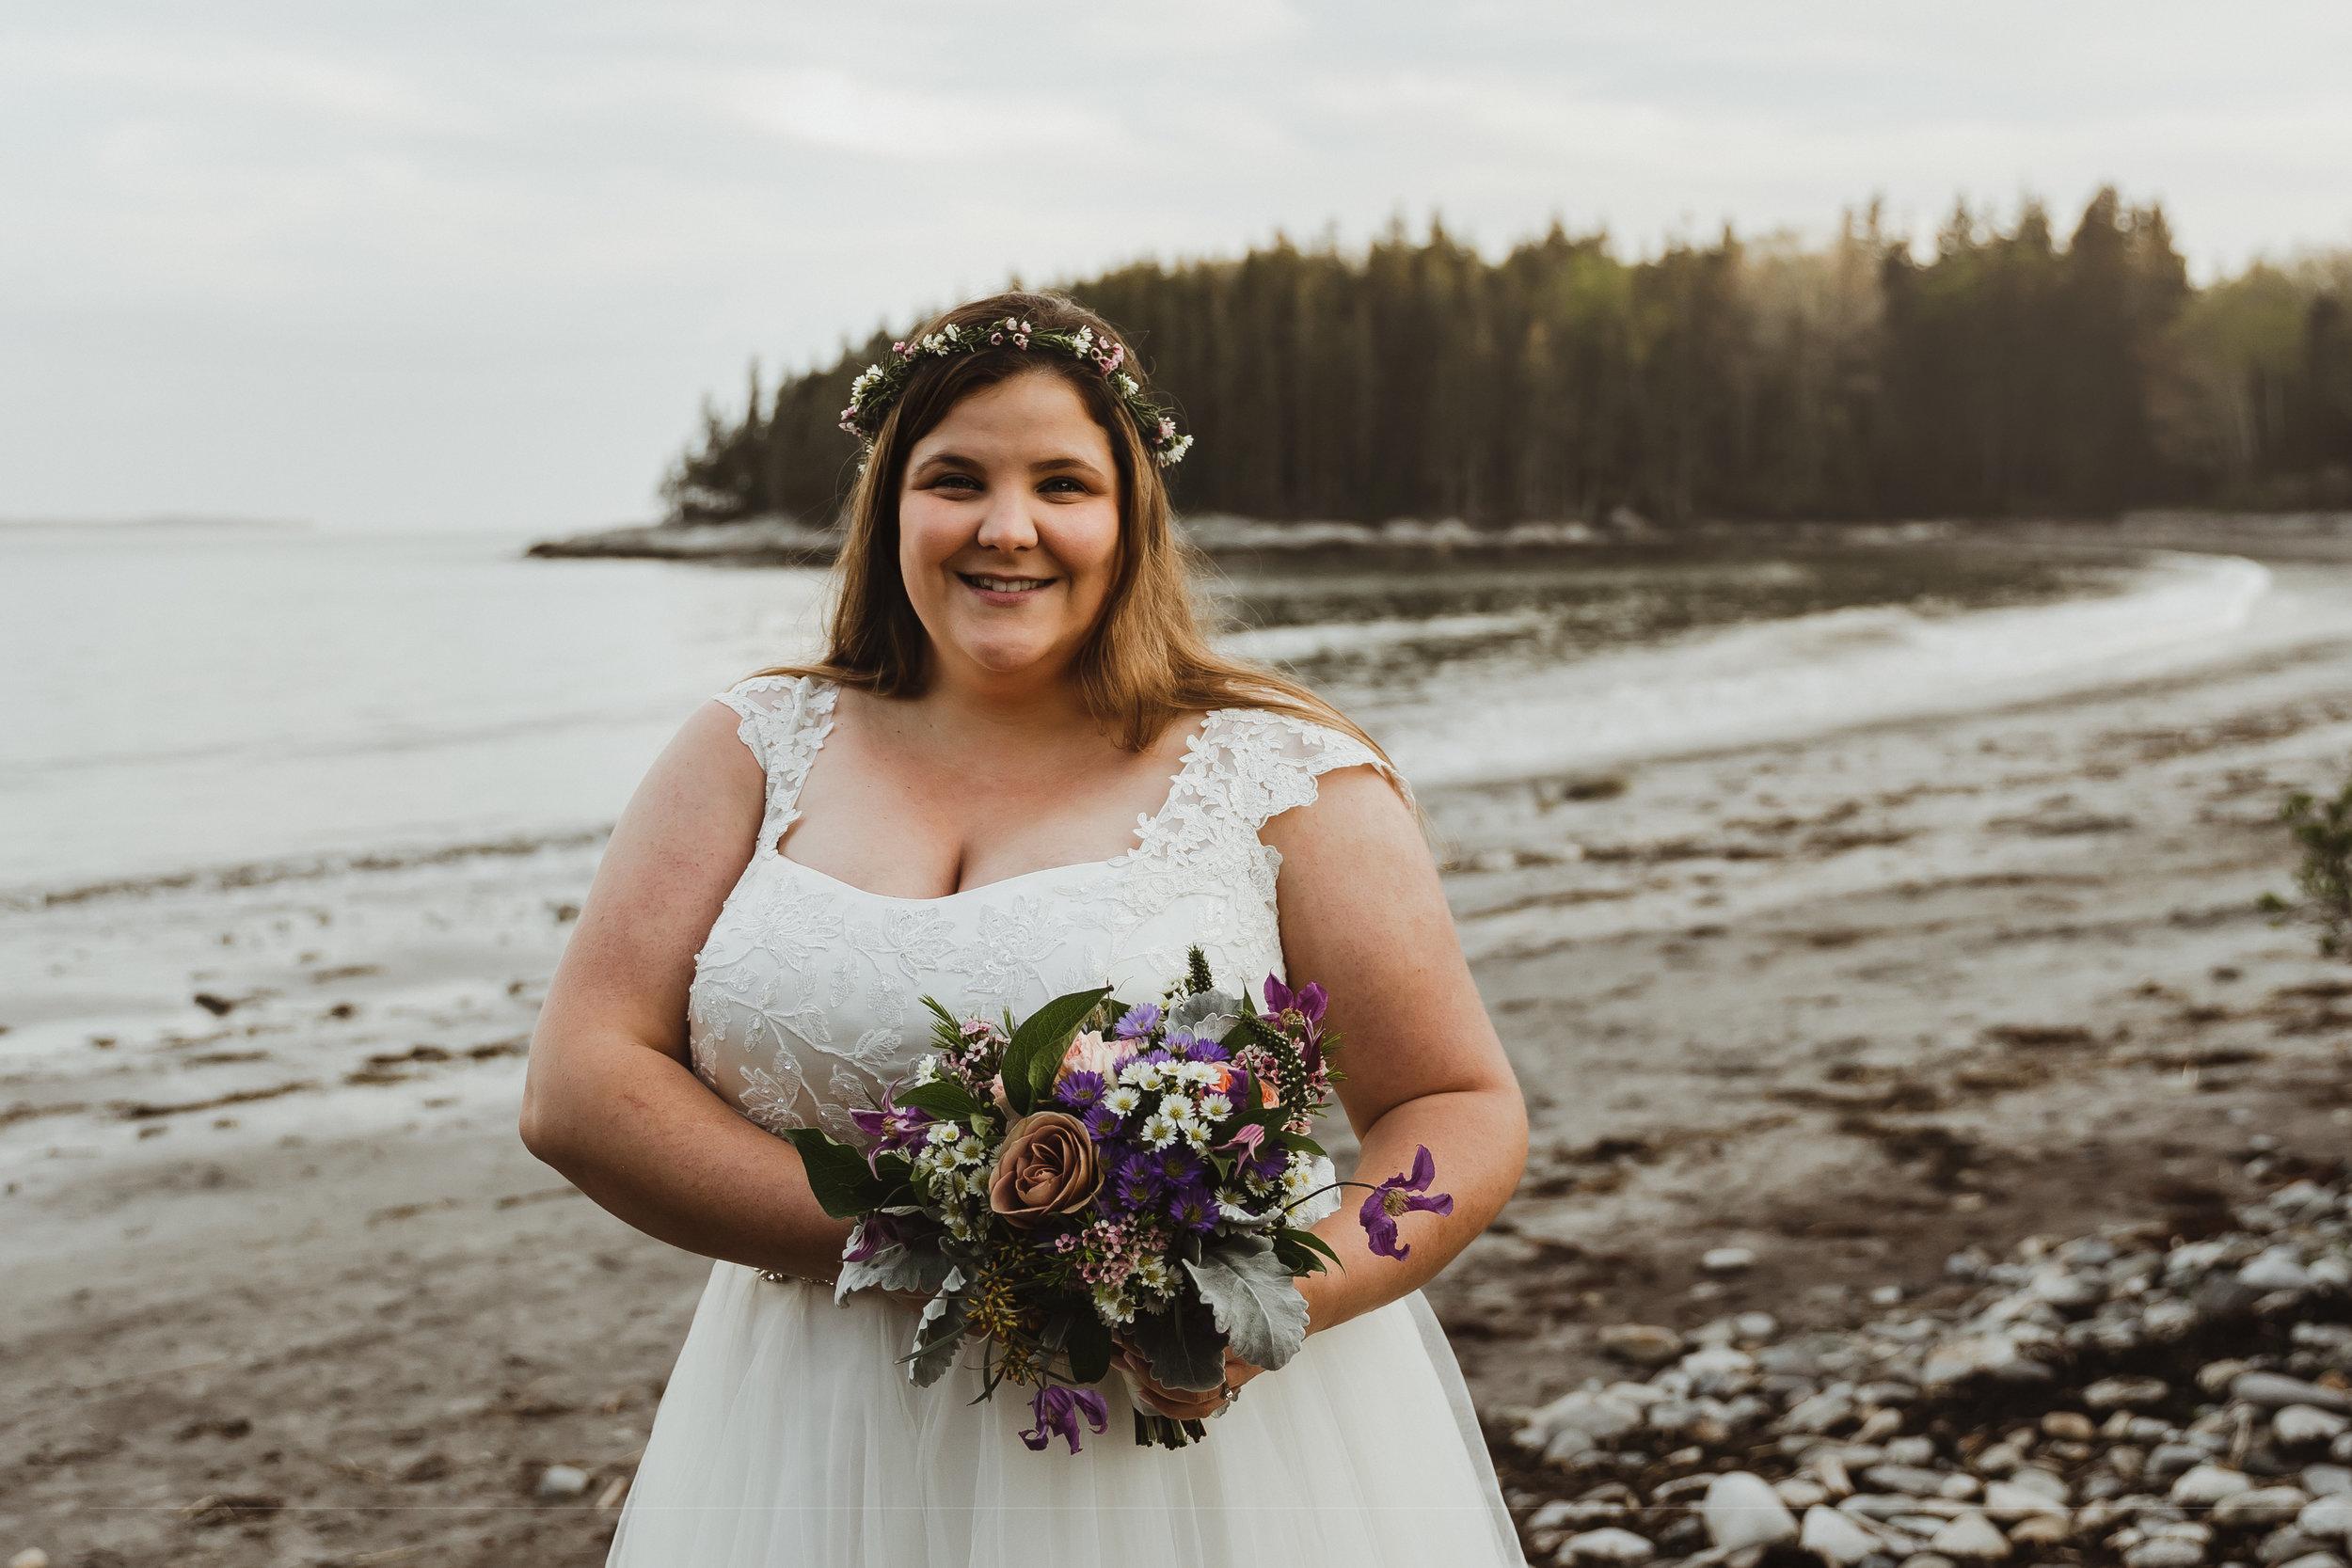 coastal wedding plus size couple rockland maine 2